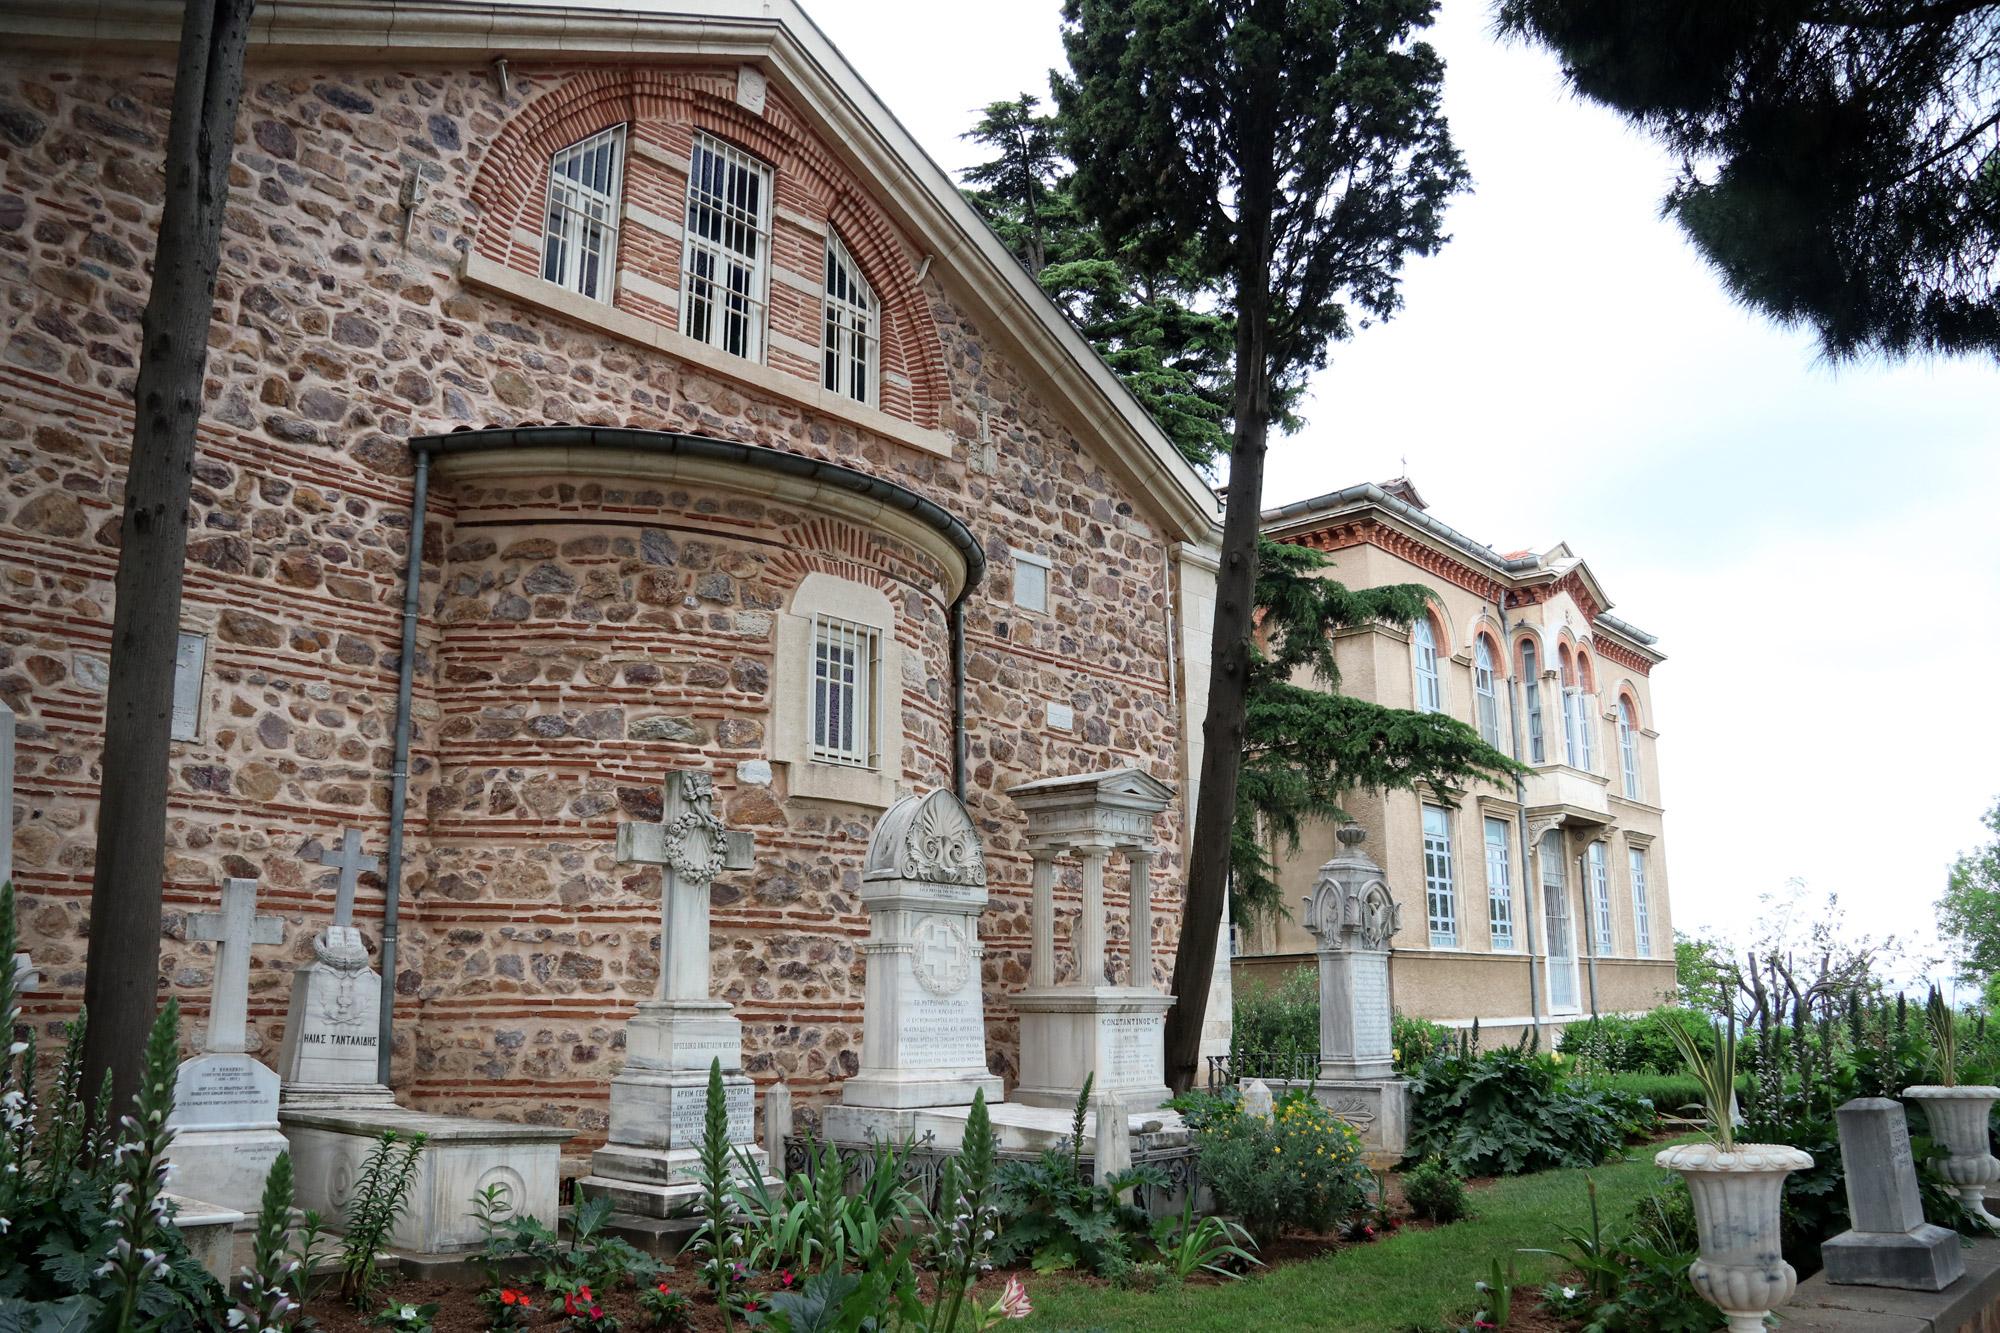 Stedentrip Istanbul - Het klooster van Heybeliada